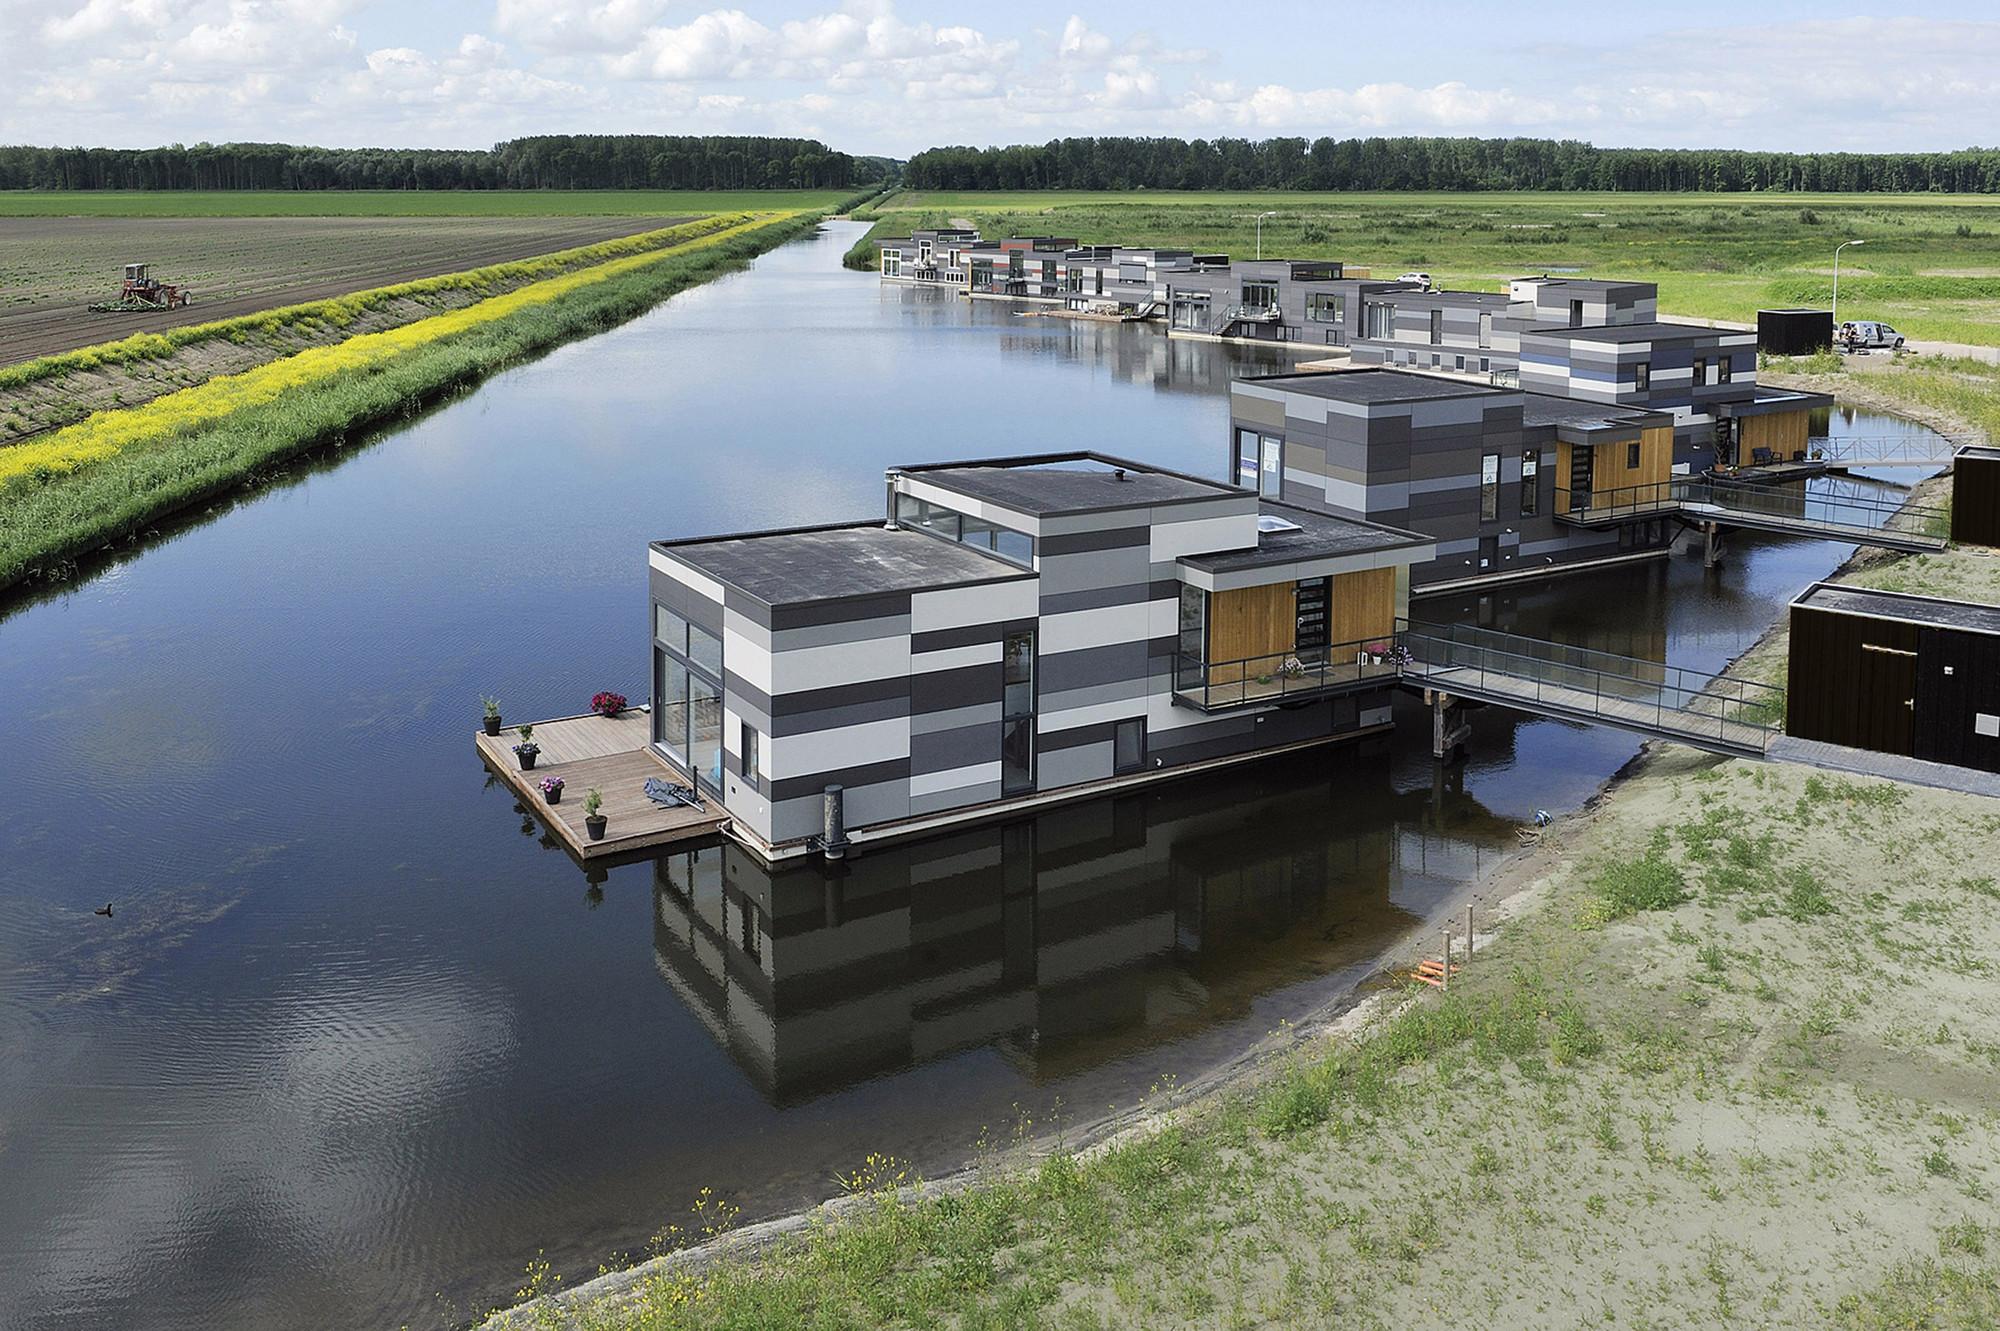 Drijf in Lelystad / Attika Architekten, © ABC Arkenbouw